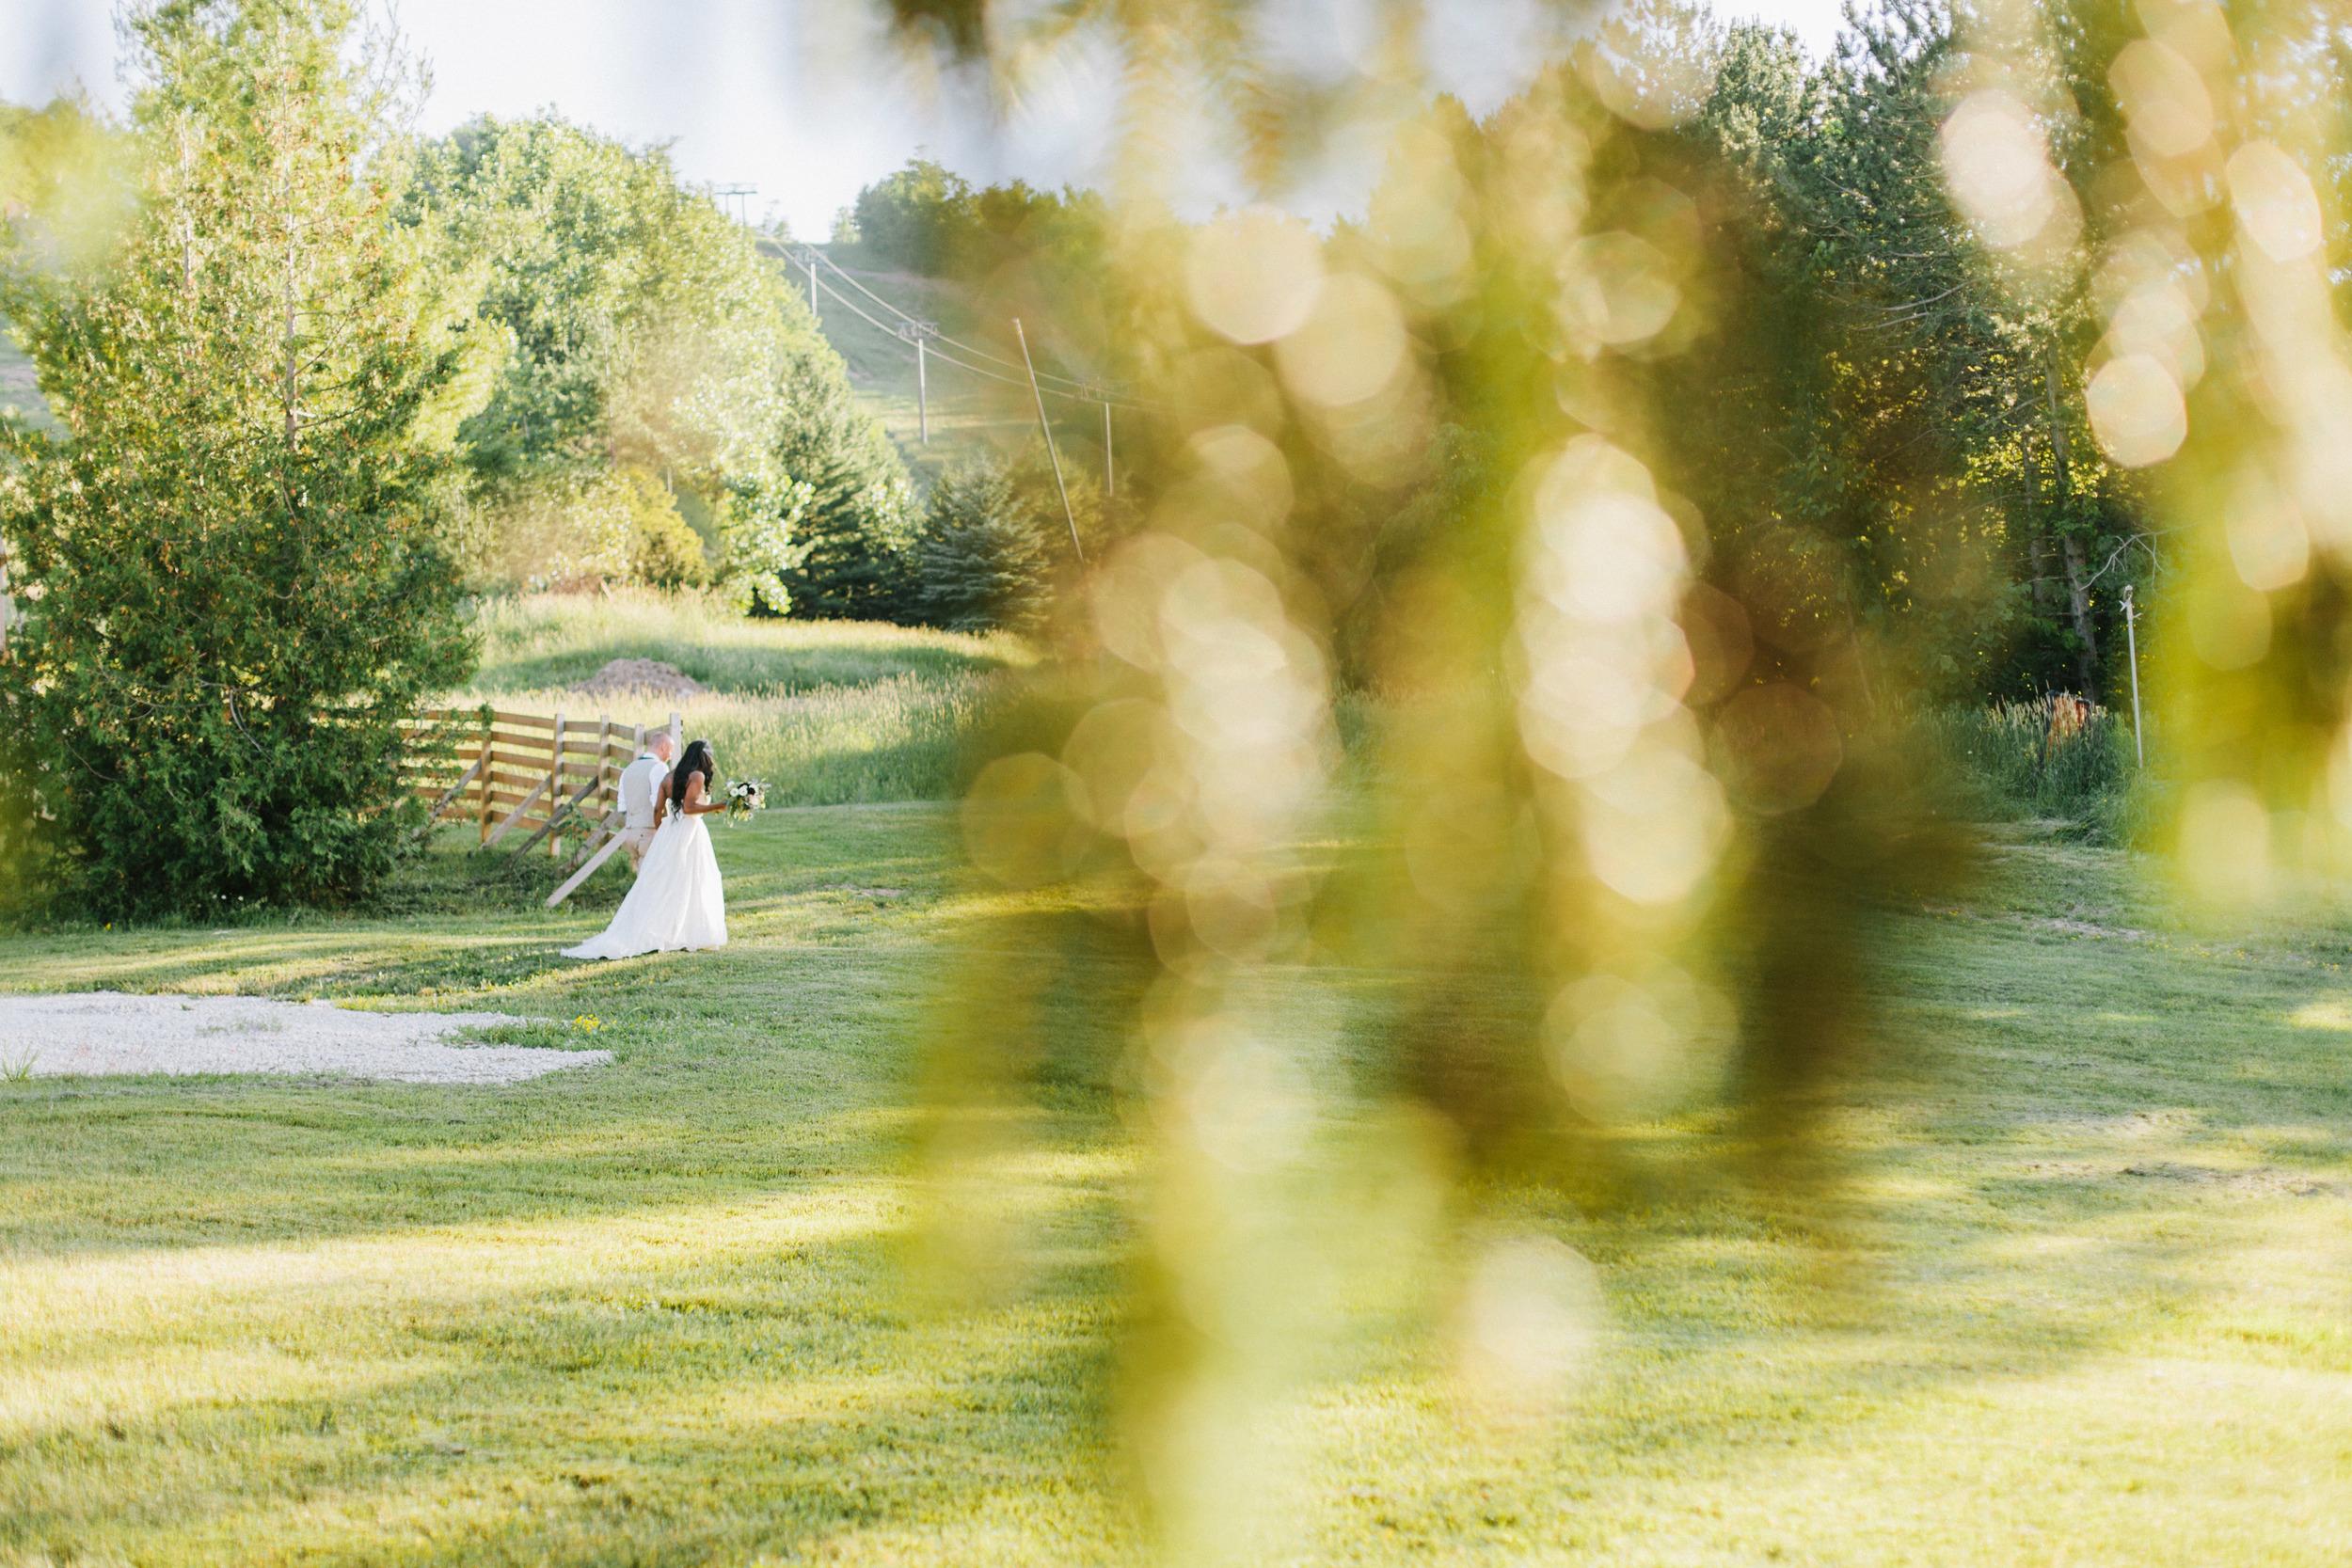 michael-rousseau-photography-shannae-ingleton-wedding-sean-craigleith-ski-club-wedding060.jpg